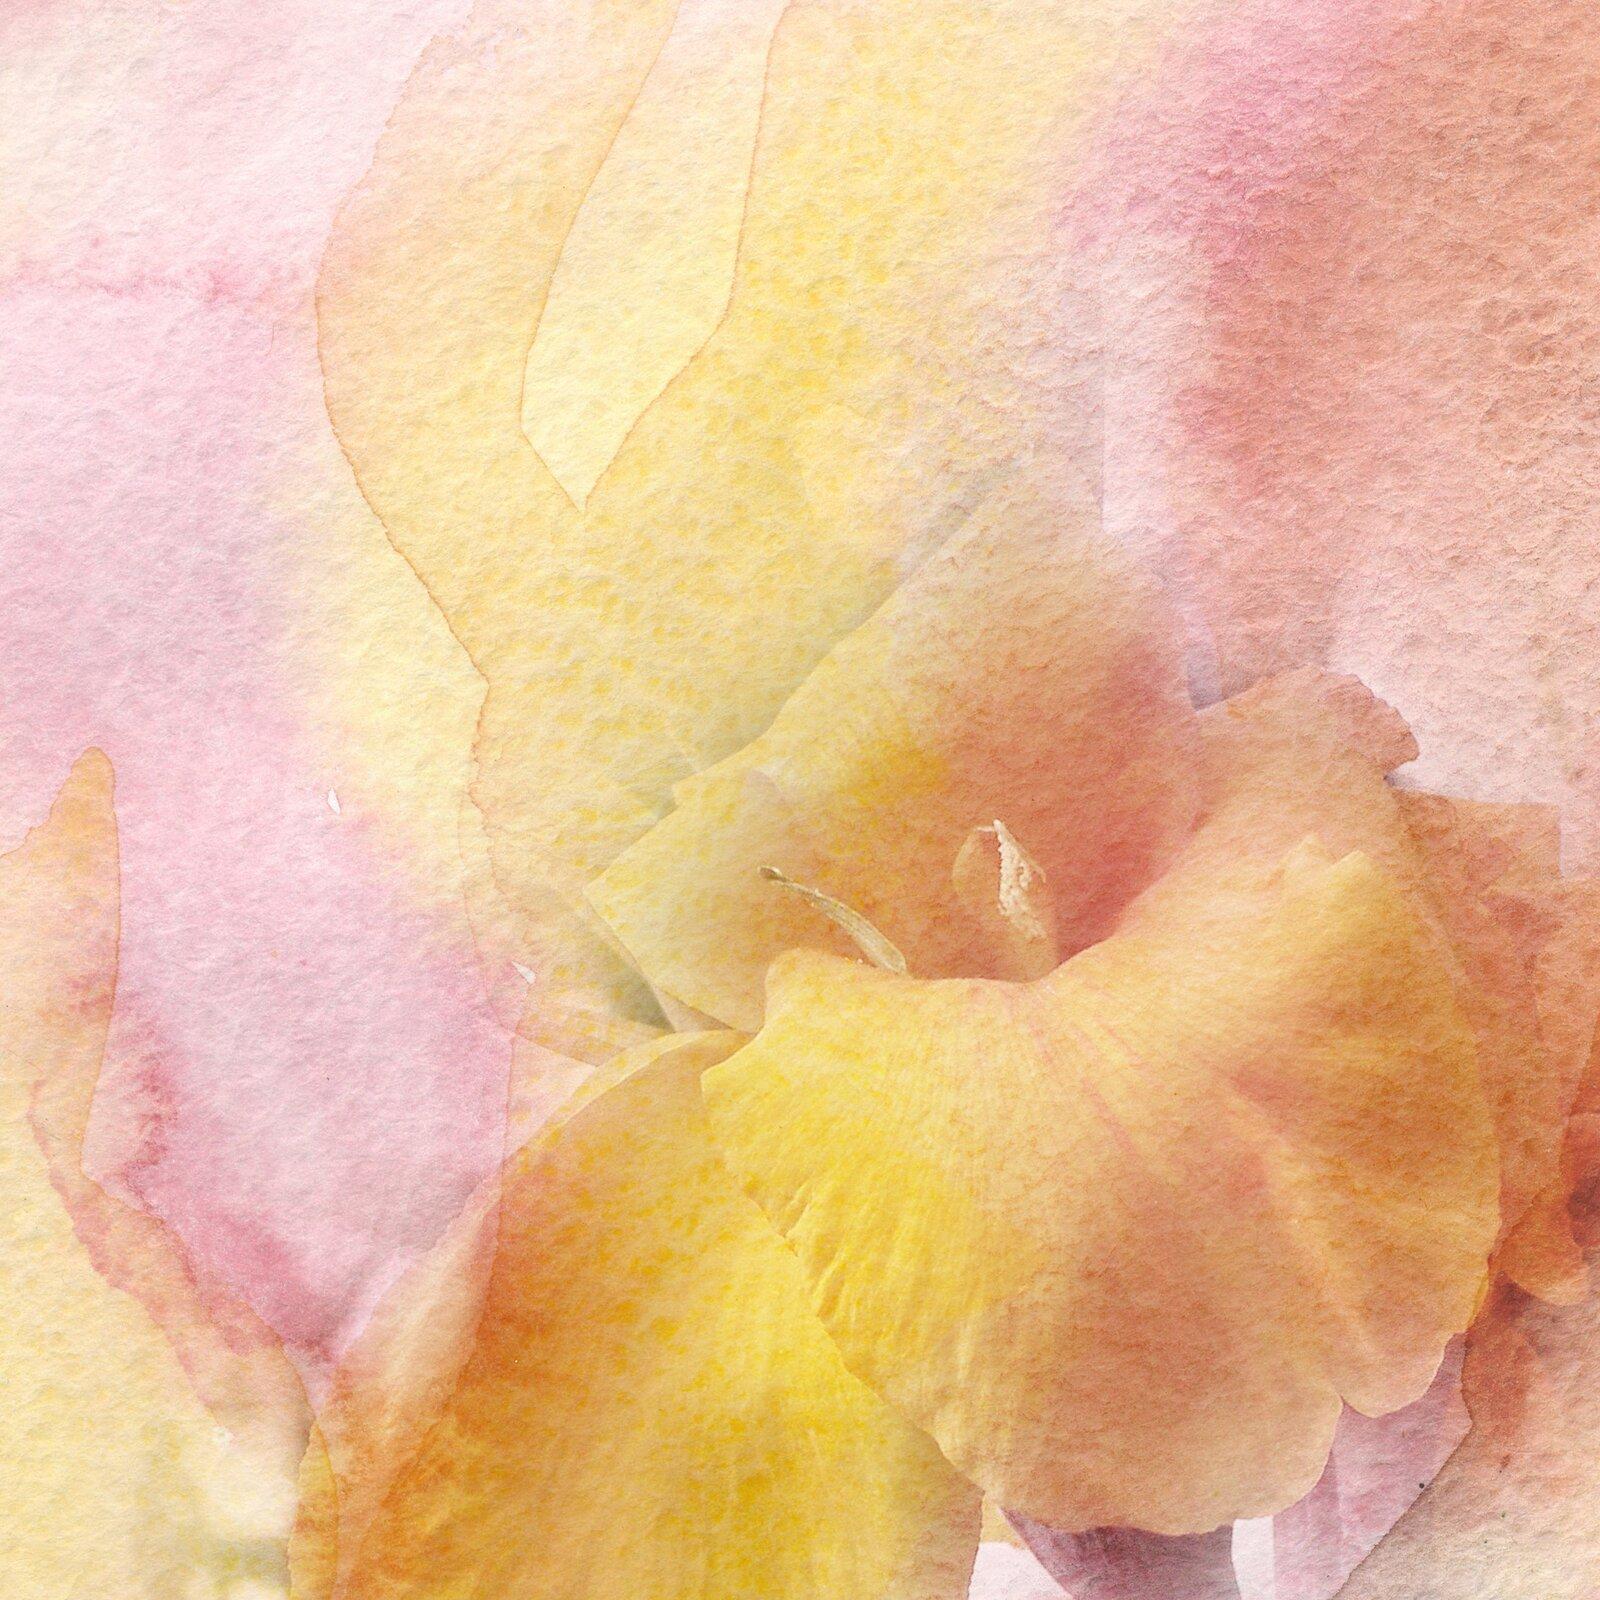 Ilustracja przedstawia akwarelę, ukazującą fragment kwiatu. Żółta roślina została przedstawiona na różowym tle.